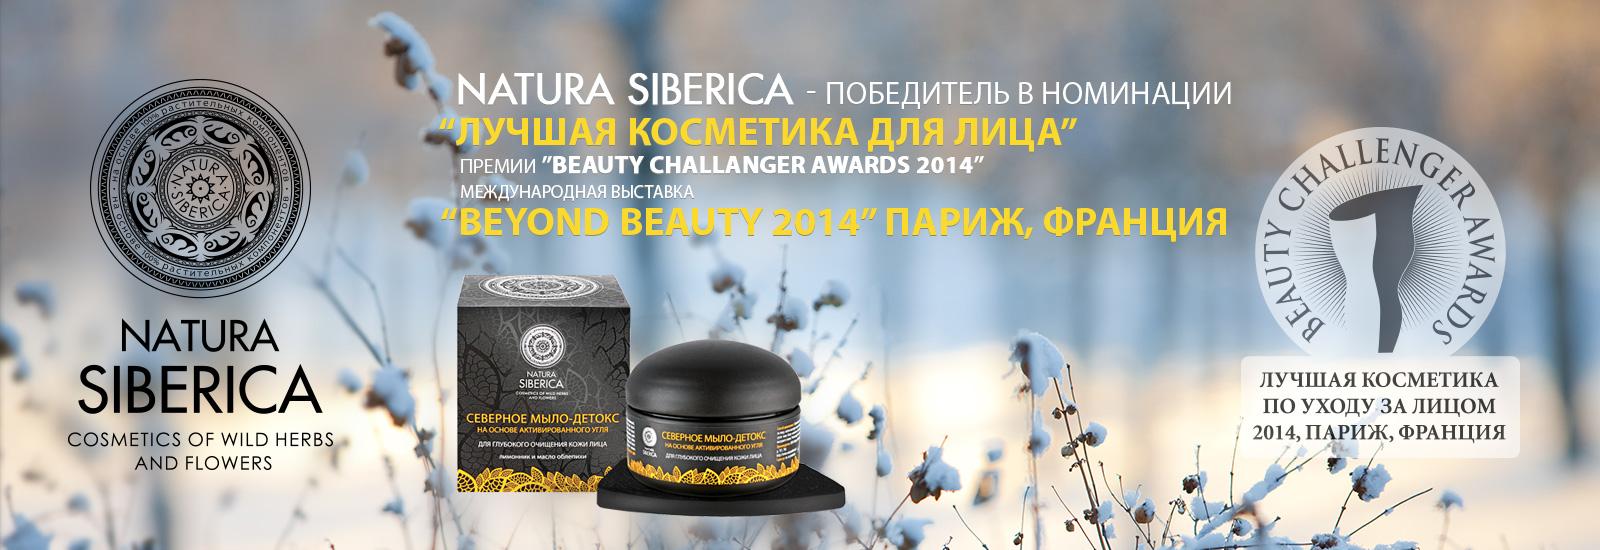 Natura Siberica это не просто натуральная косметика и не просто косметика на травах. Это первая в России